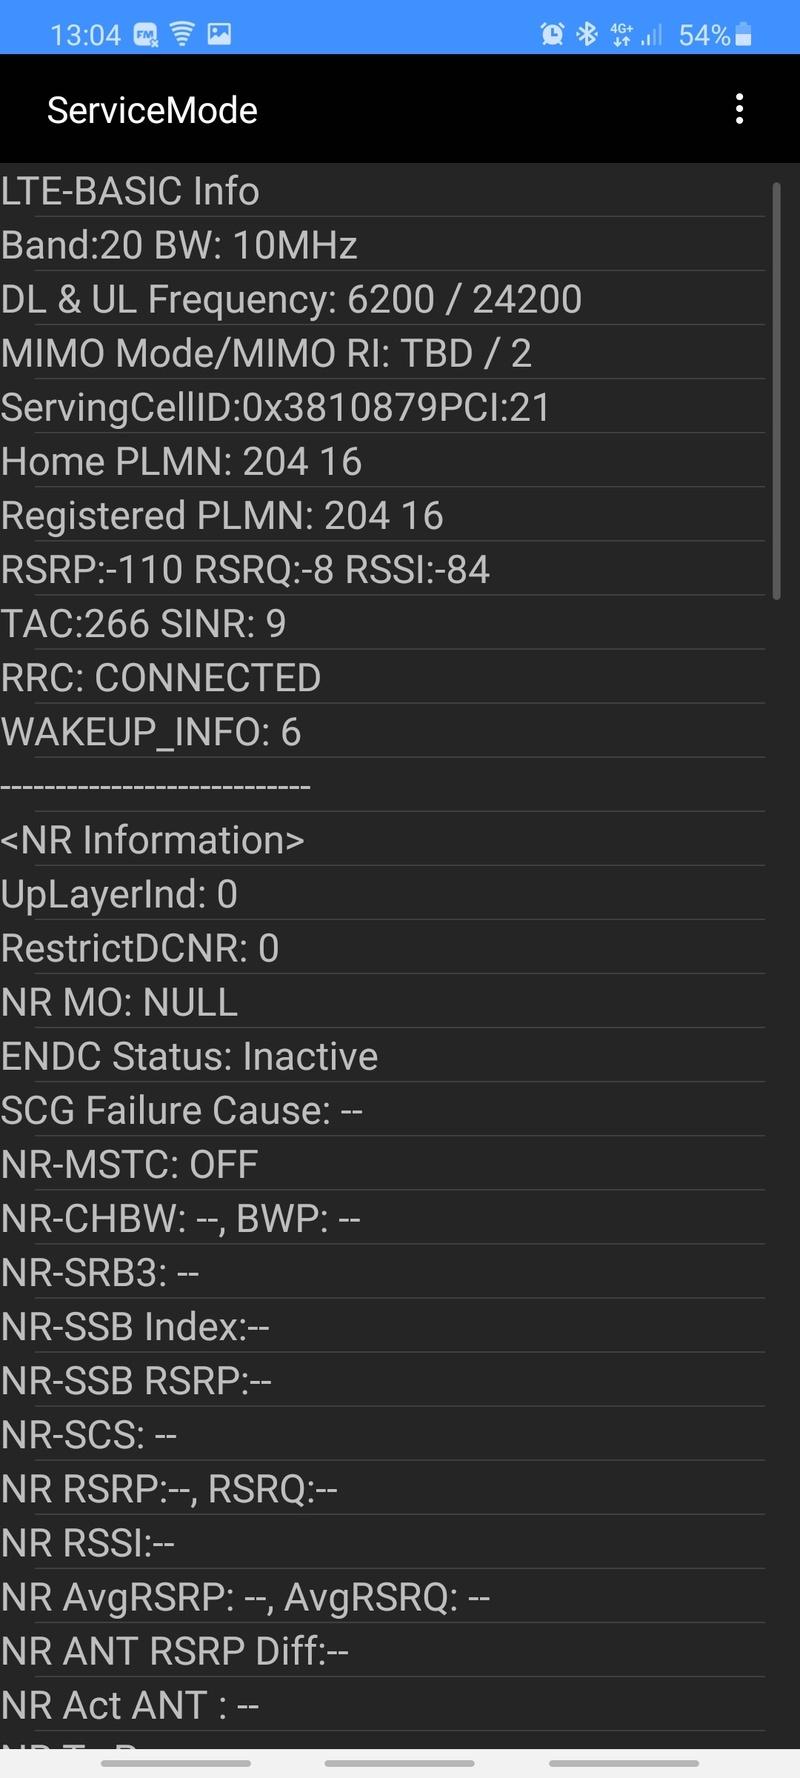 https://tweakers.net/i/MG0cq1JHqtcfpRIkz6e4XJIS8fQ=/800x/filters:strip_icc():strip_exif()/f/image/3luzjMiRIQEpjj154Nk2xmft.jpg?f=fotoalbum_large